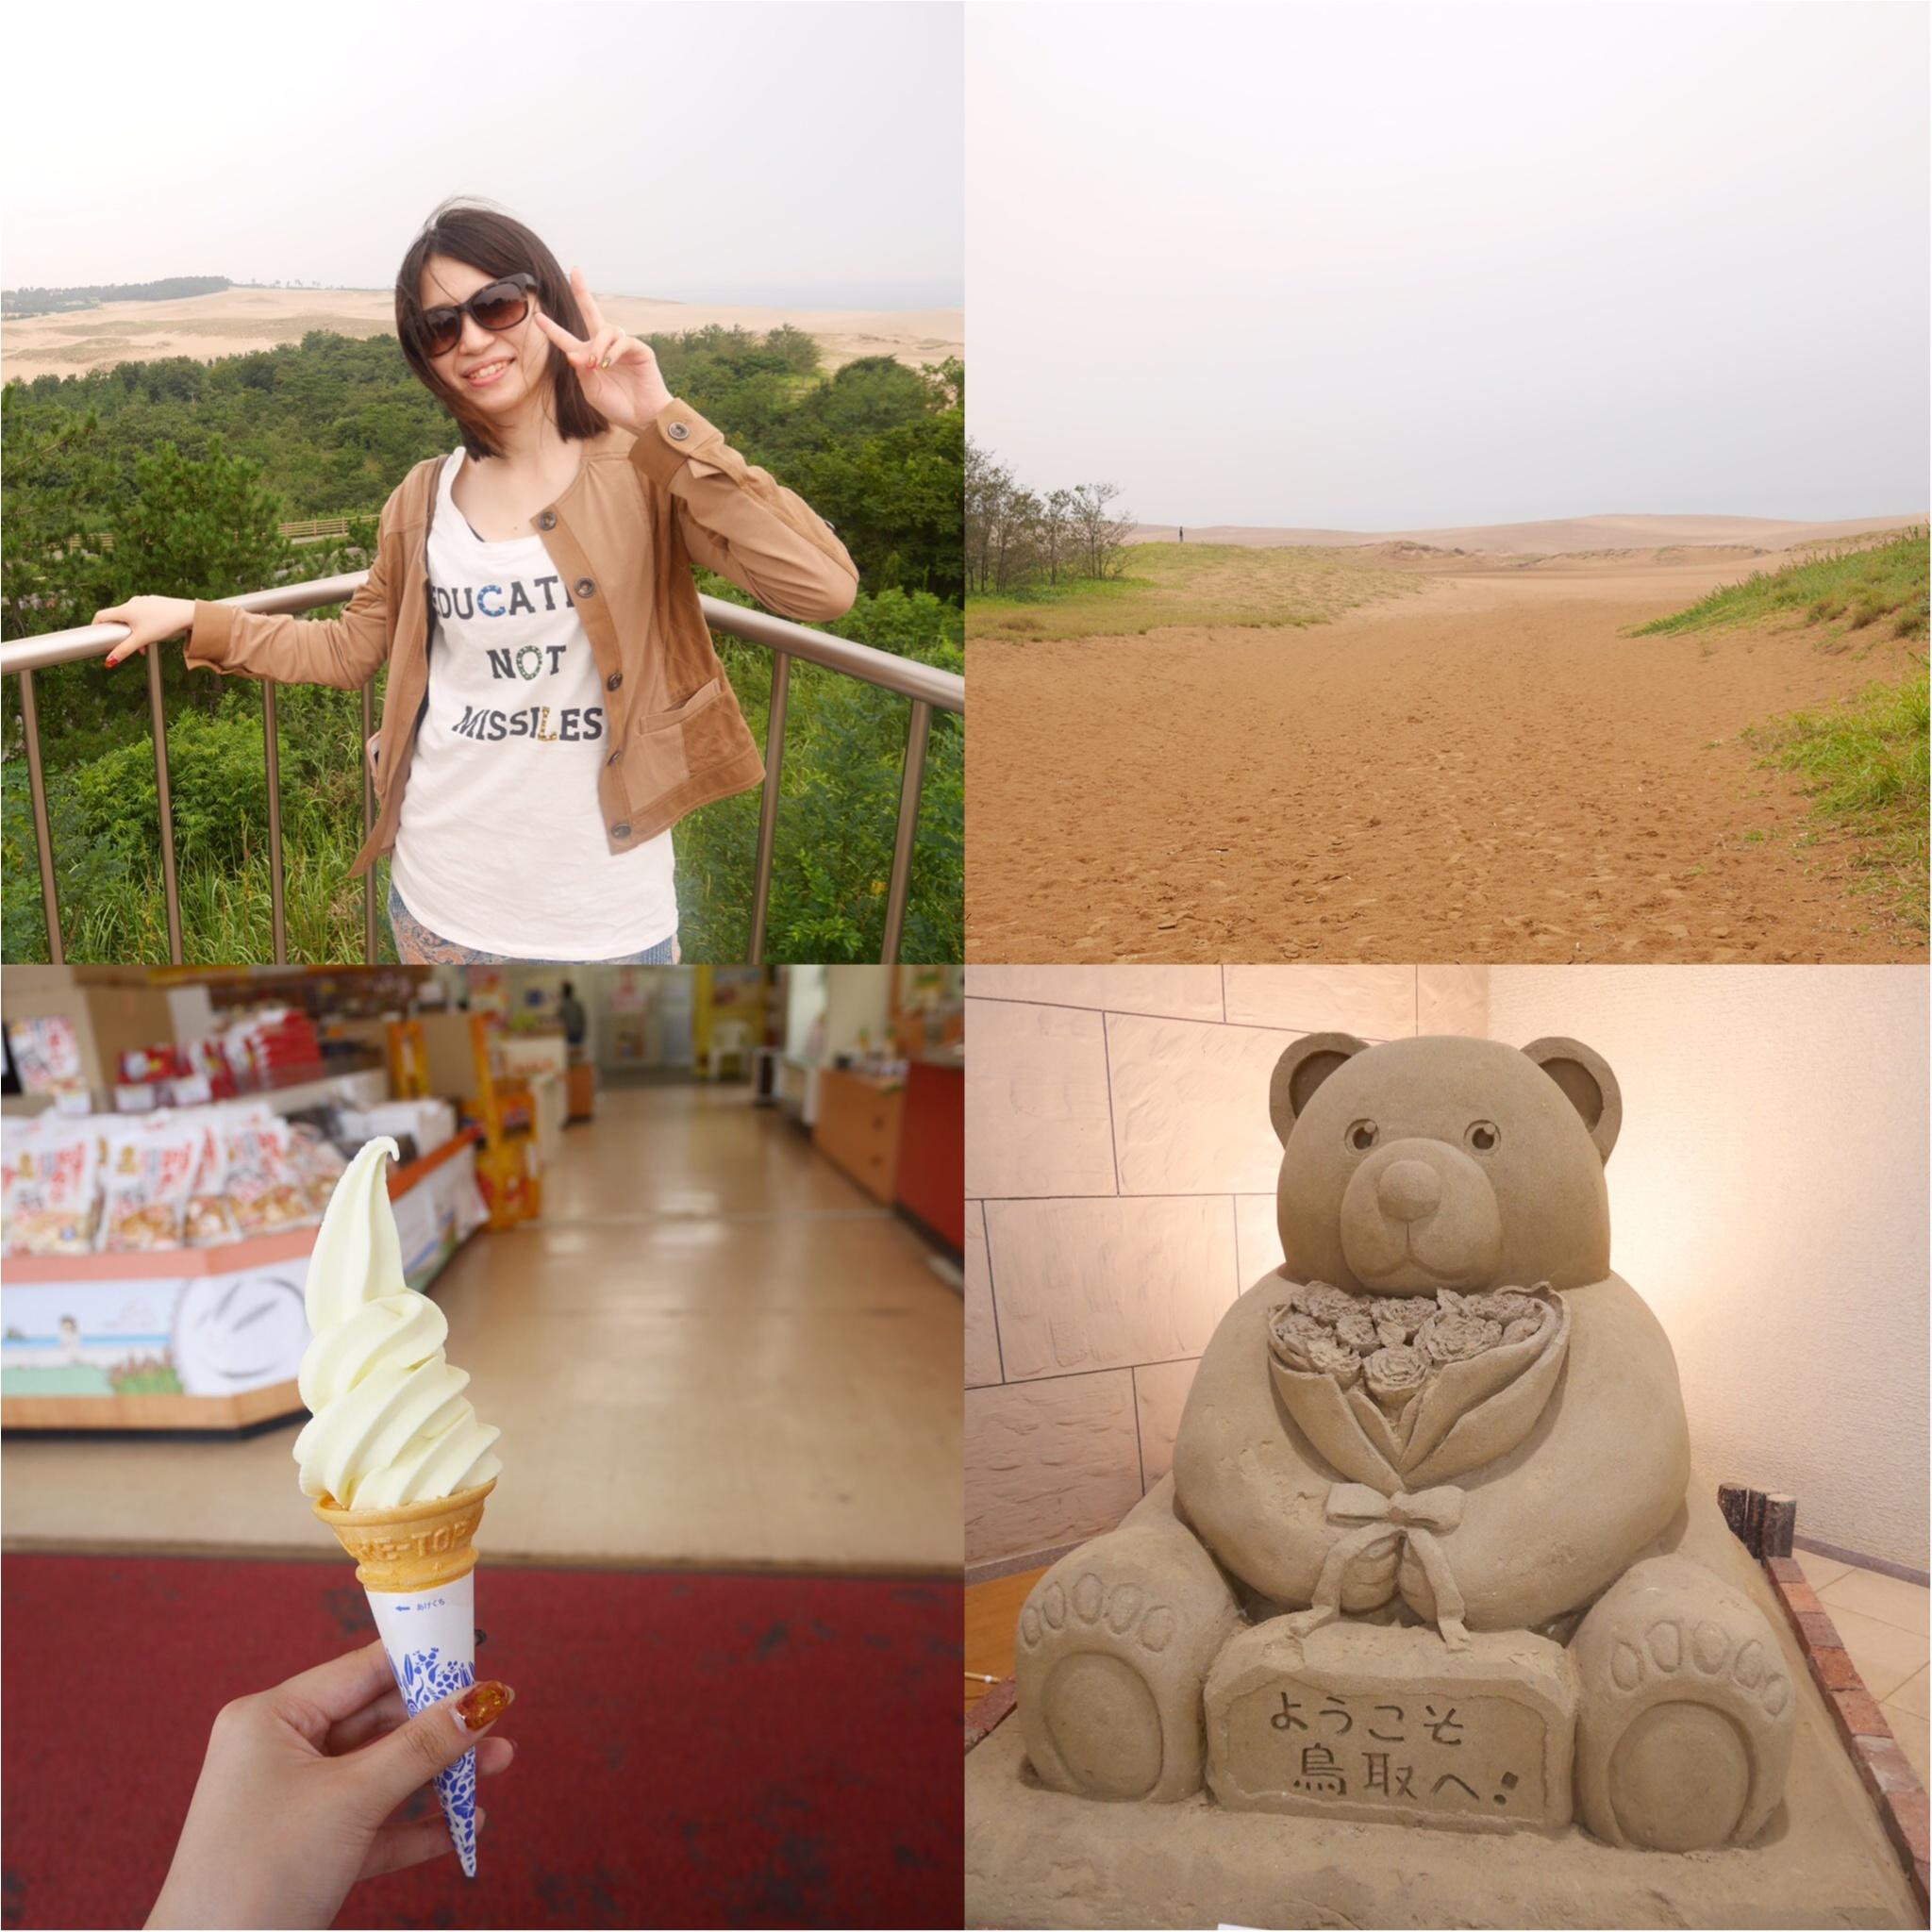 [島根・鳥取旅行④]鳥取砂丘&砂の博物館に行って来ました!_5